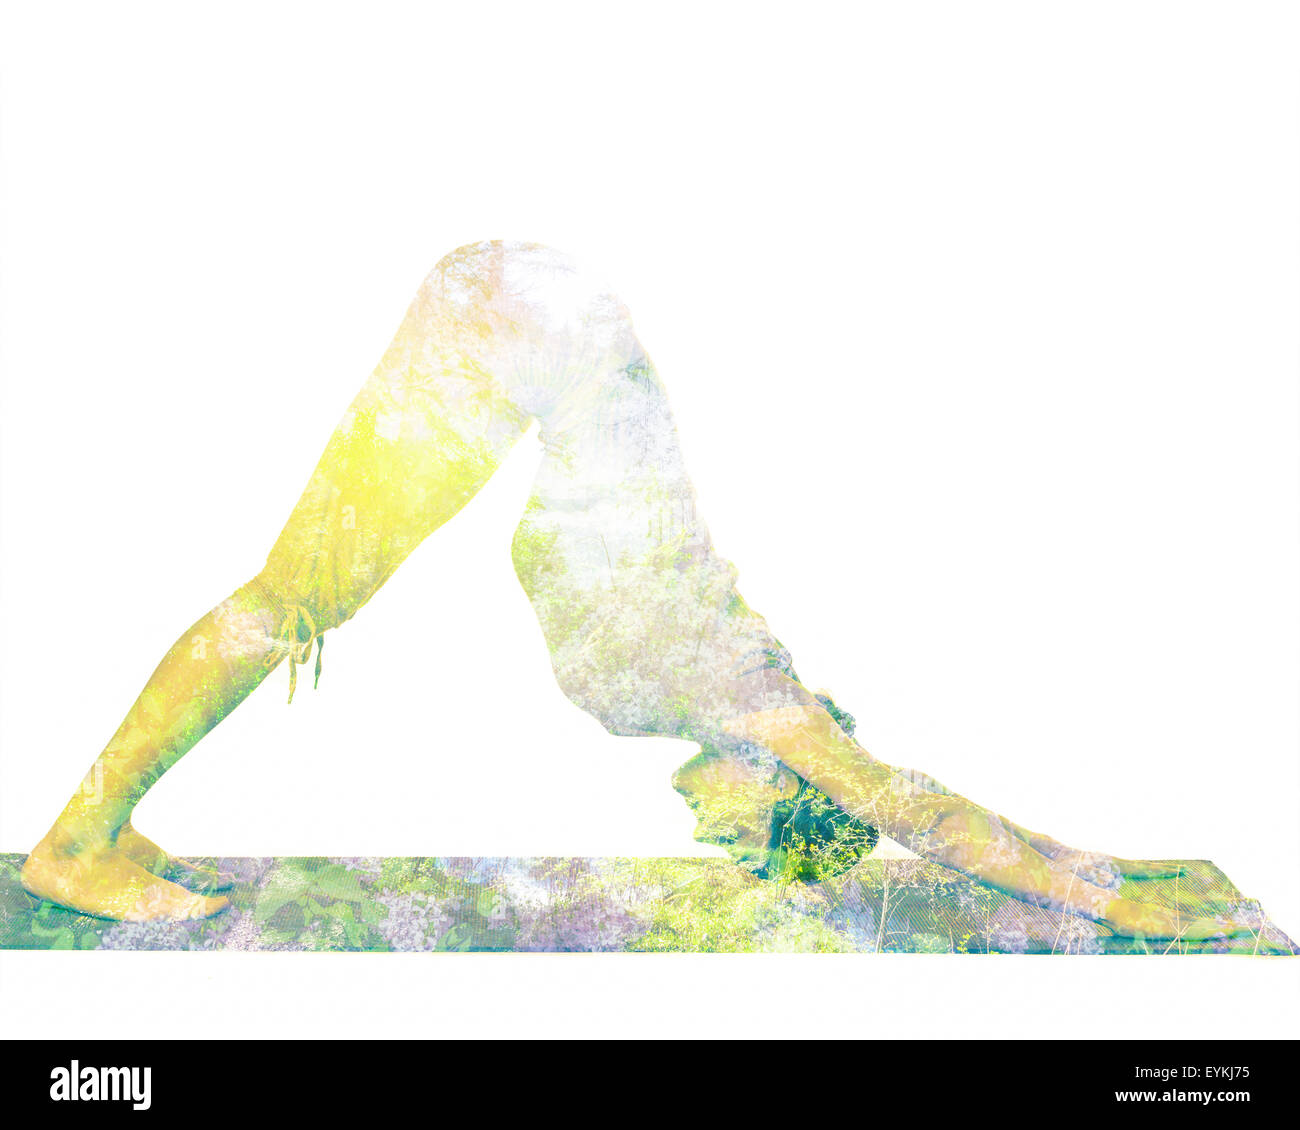 Natur Harmonie gesunden Lifestyle-Konzept - doppelte Belichtung Bild der Frau tut Yoga Asana abwärts gerichteten Stockbild